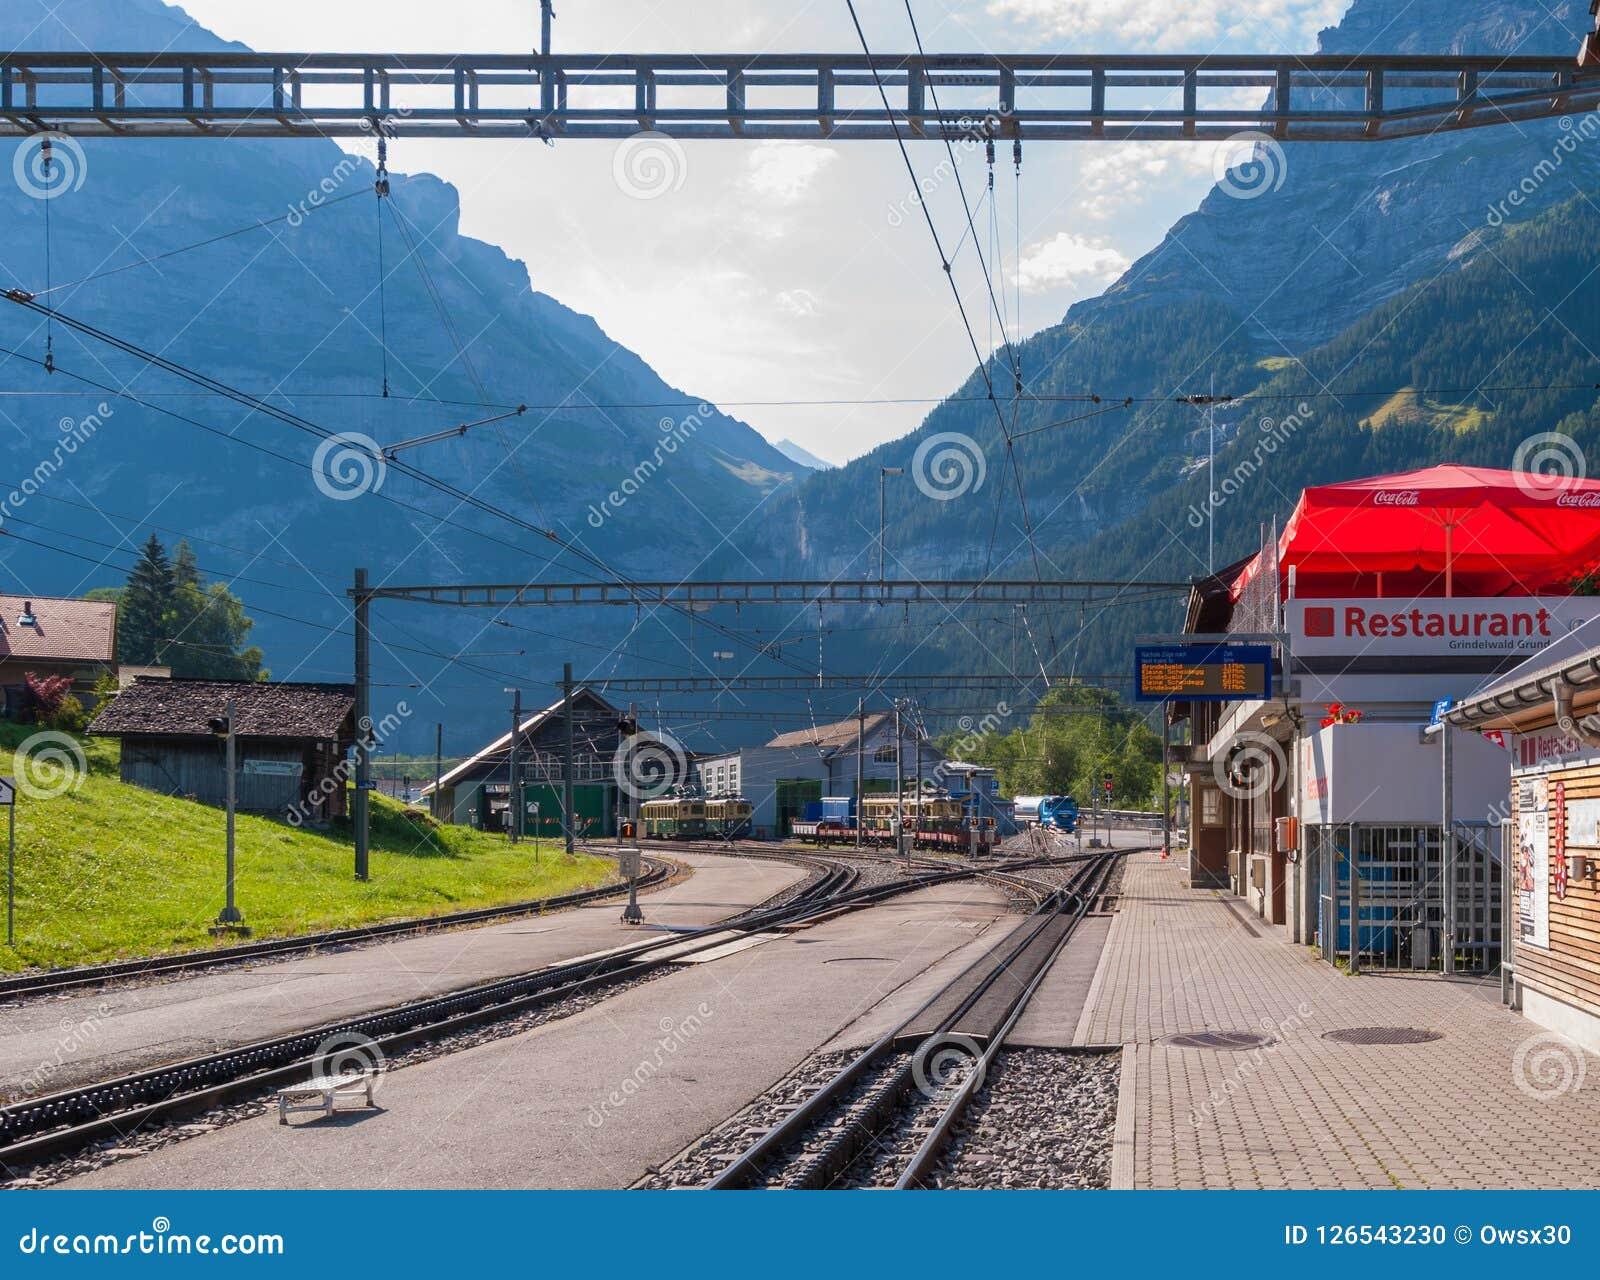 Grindelwald Grund railway station is located in the Bernese Oberland region of Switzerland. Switzerland July 2018